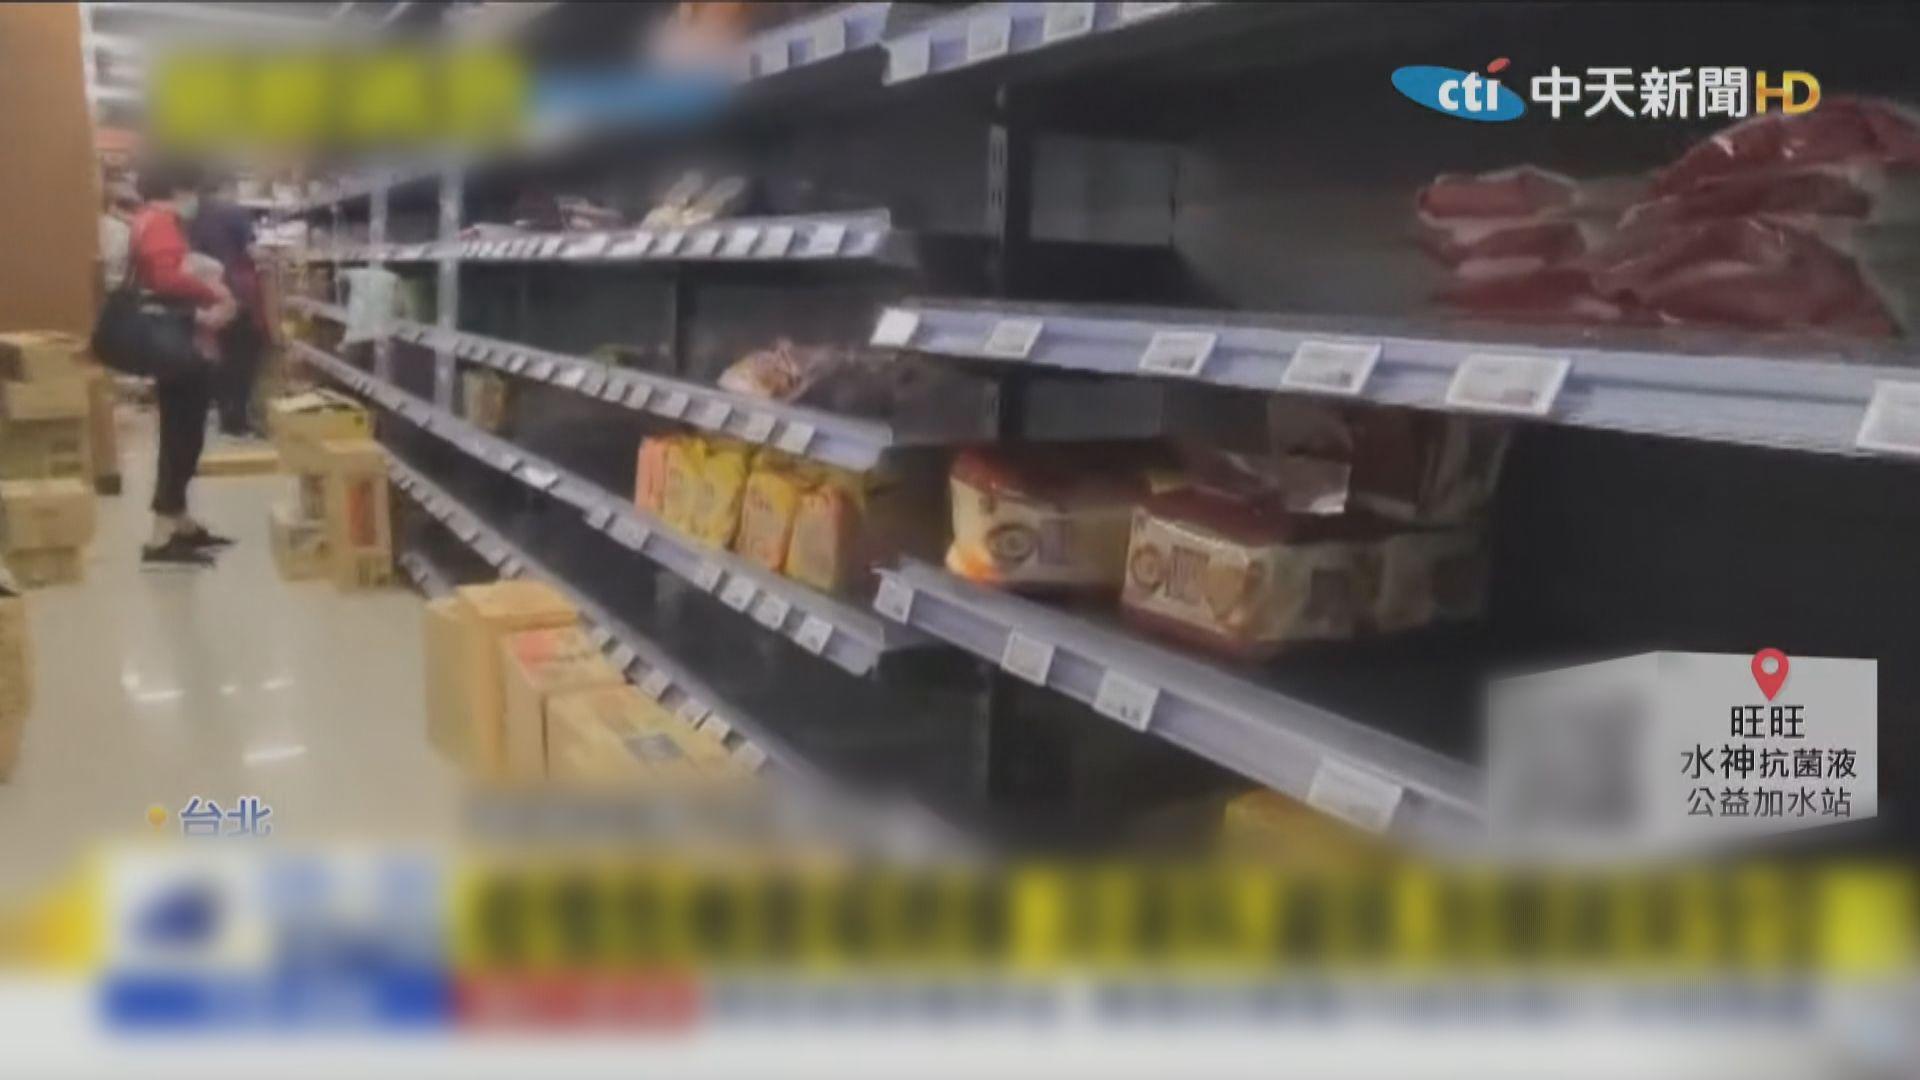 台灣民眾搶購物資 超市須實施限購民生物資